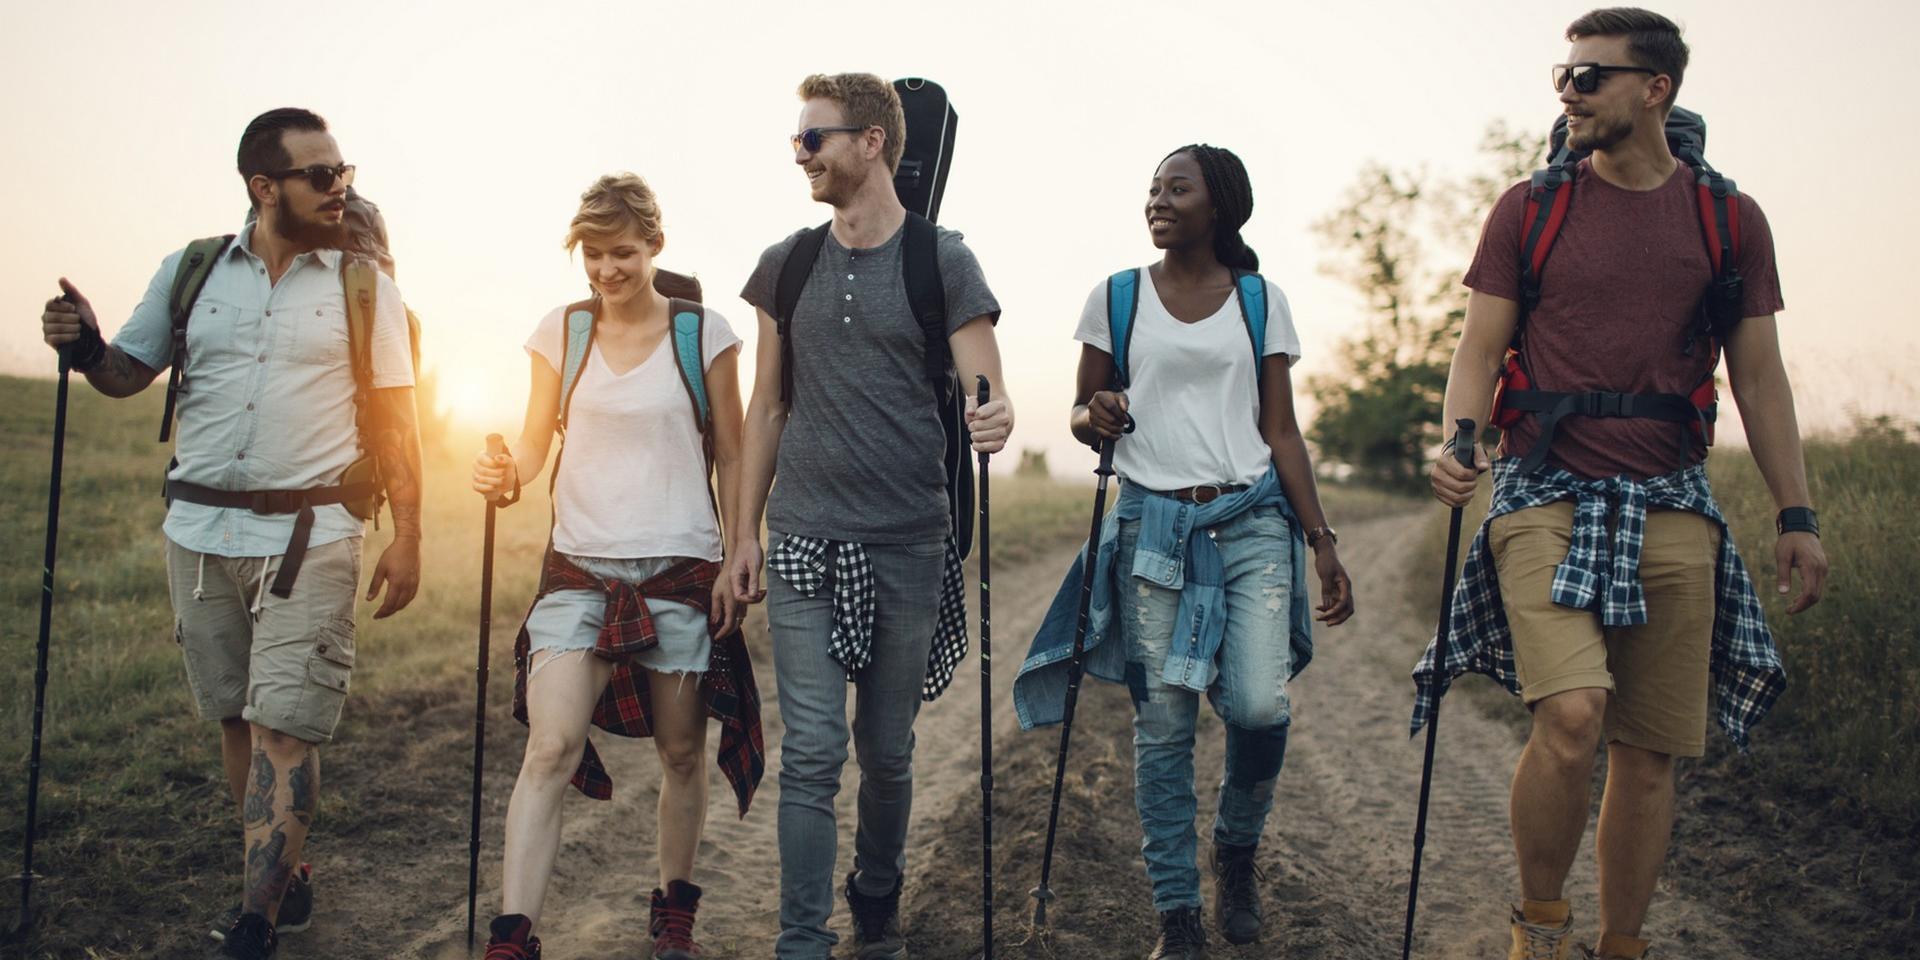 La randonnée, une activité riche en bénéfices pour la santé